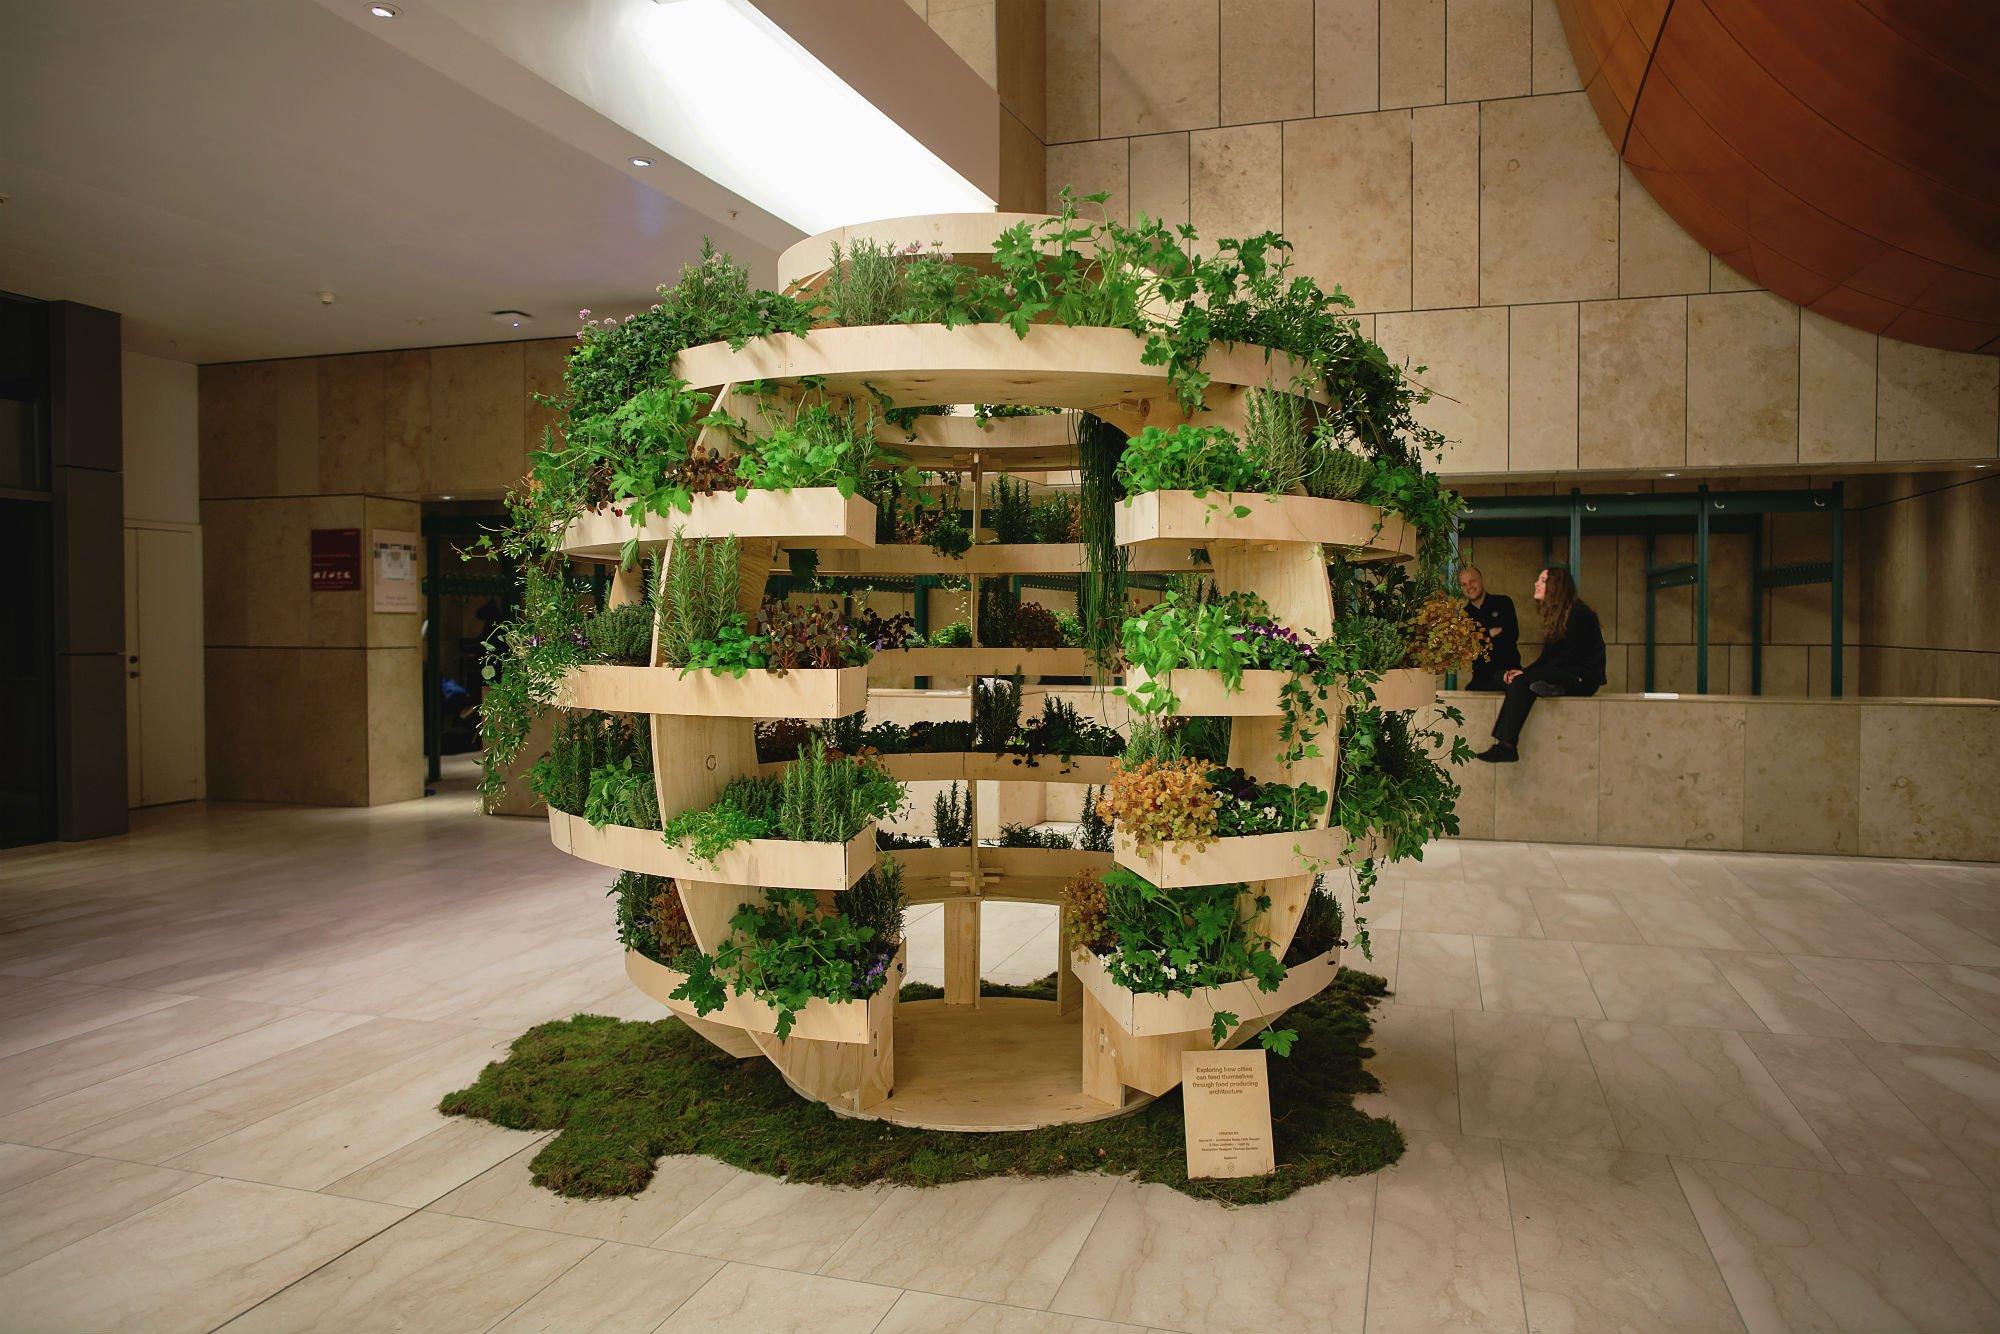 Ikea e space10 creano l 39 orto verticale urbano fai da te for Orto pensile fai da te